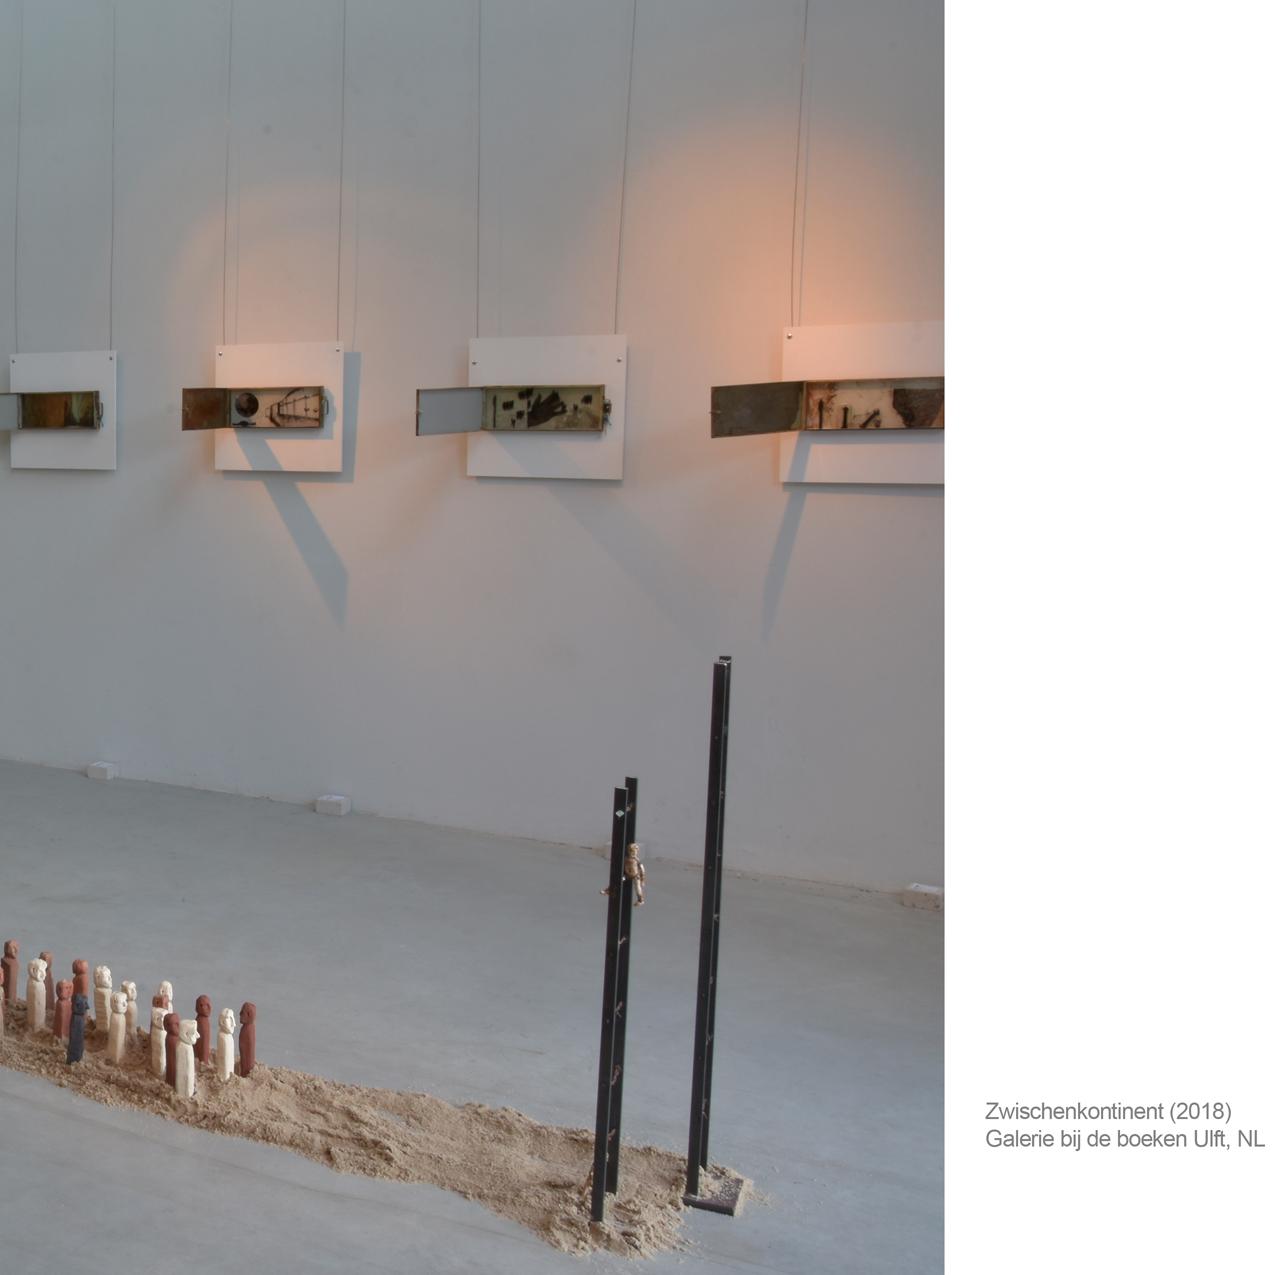 """Die Installation """" Zwischenkontinent """" war Bestandteil der Ausstellung """"Schattenwelten"""" in der Galerie bij de boeken in Ulft NL.  2018"""